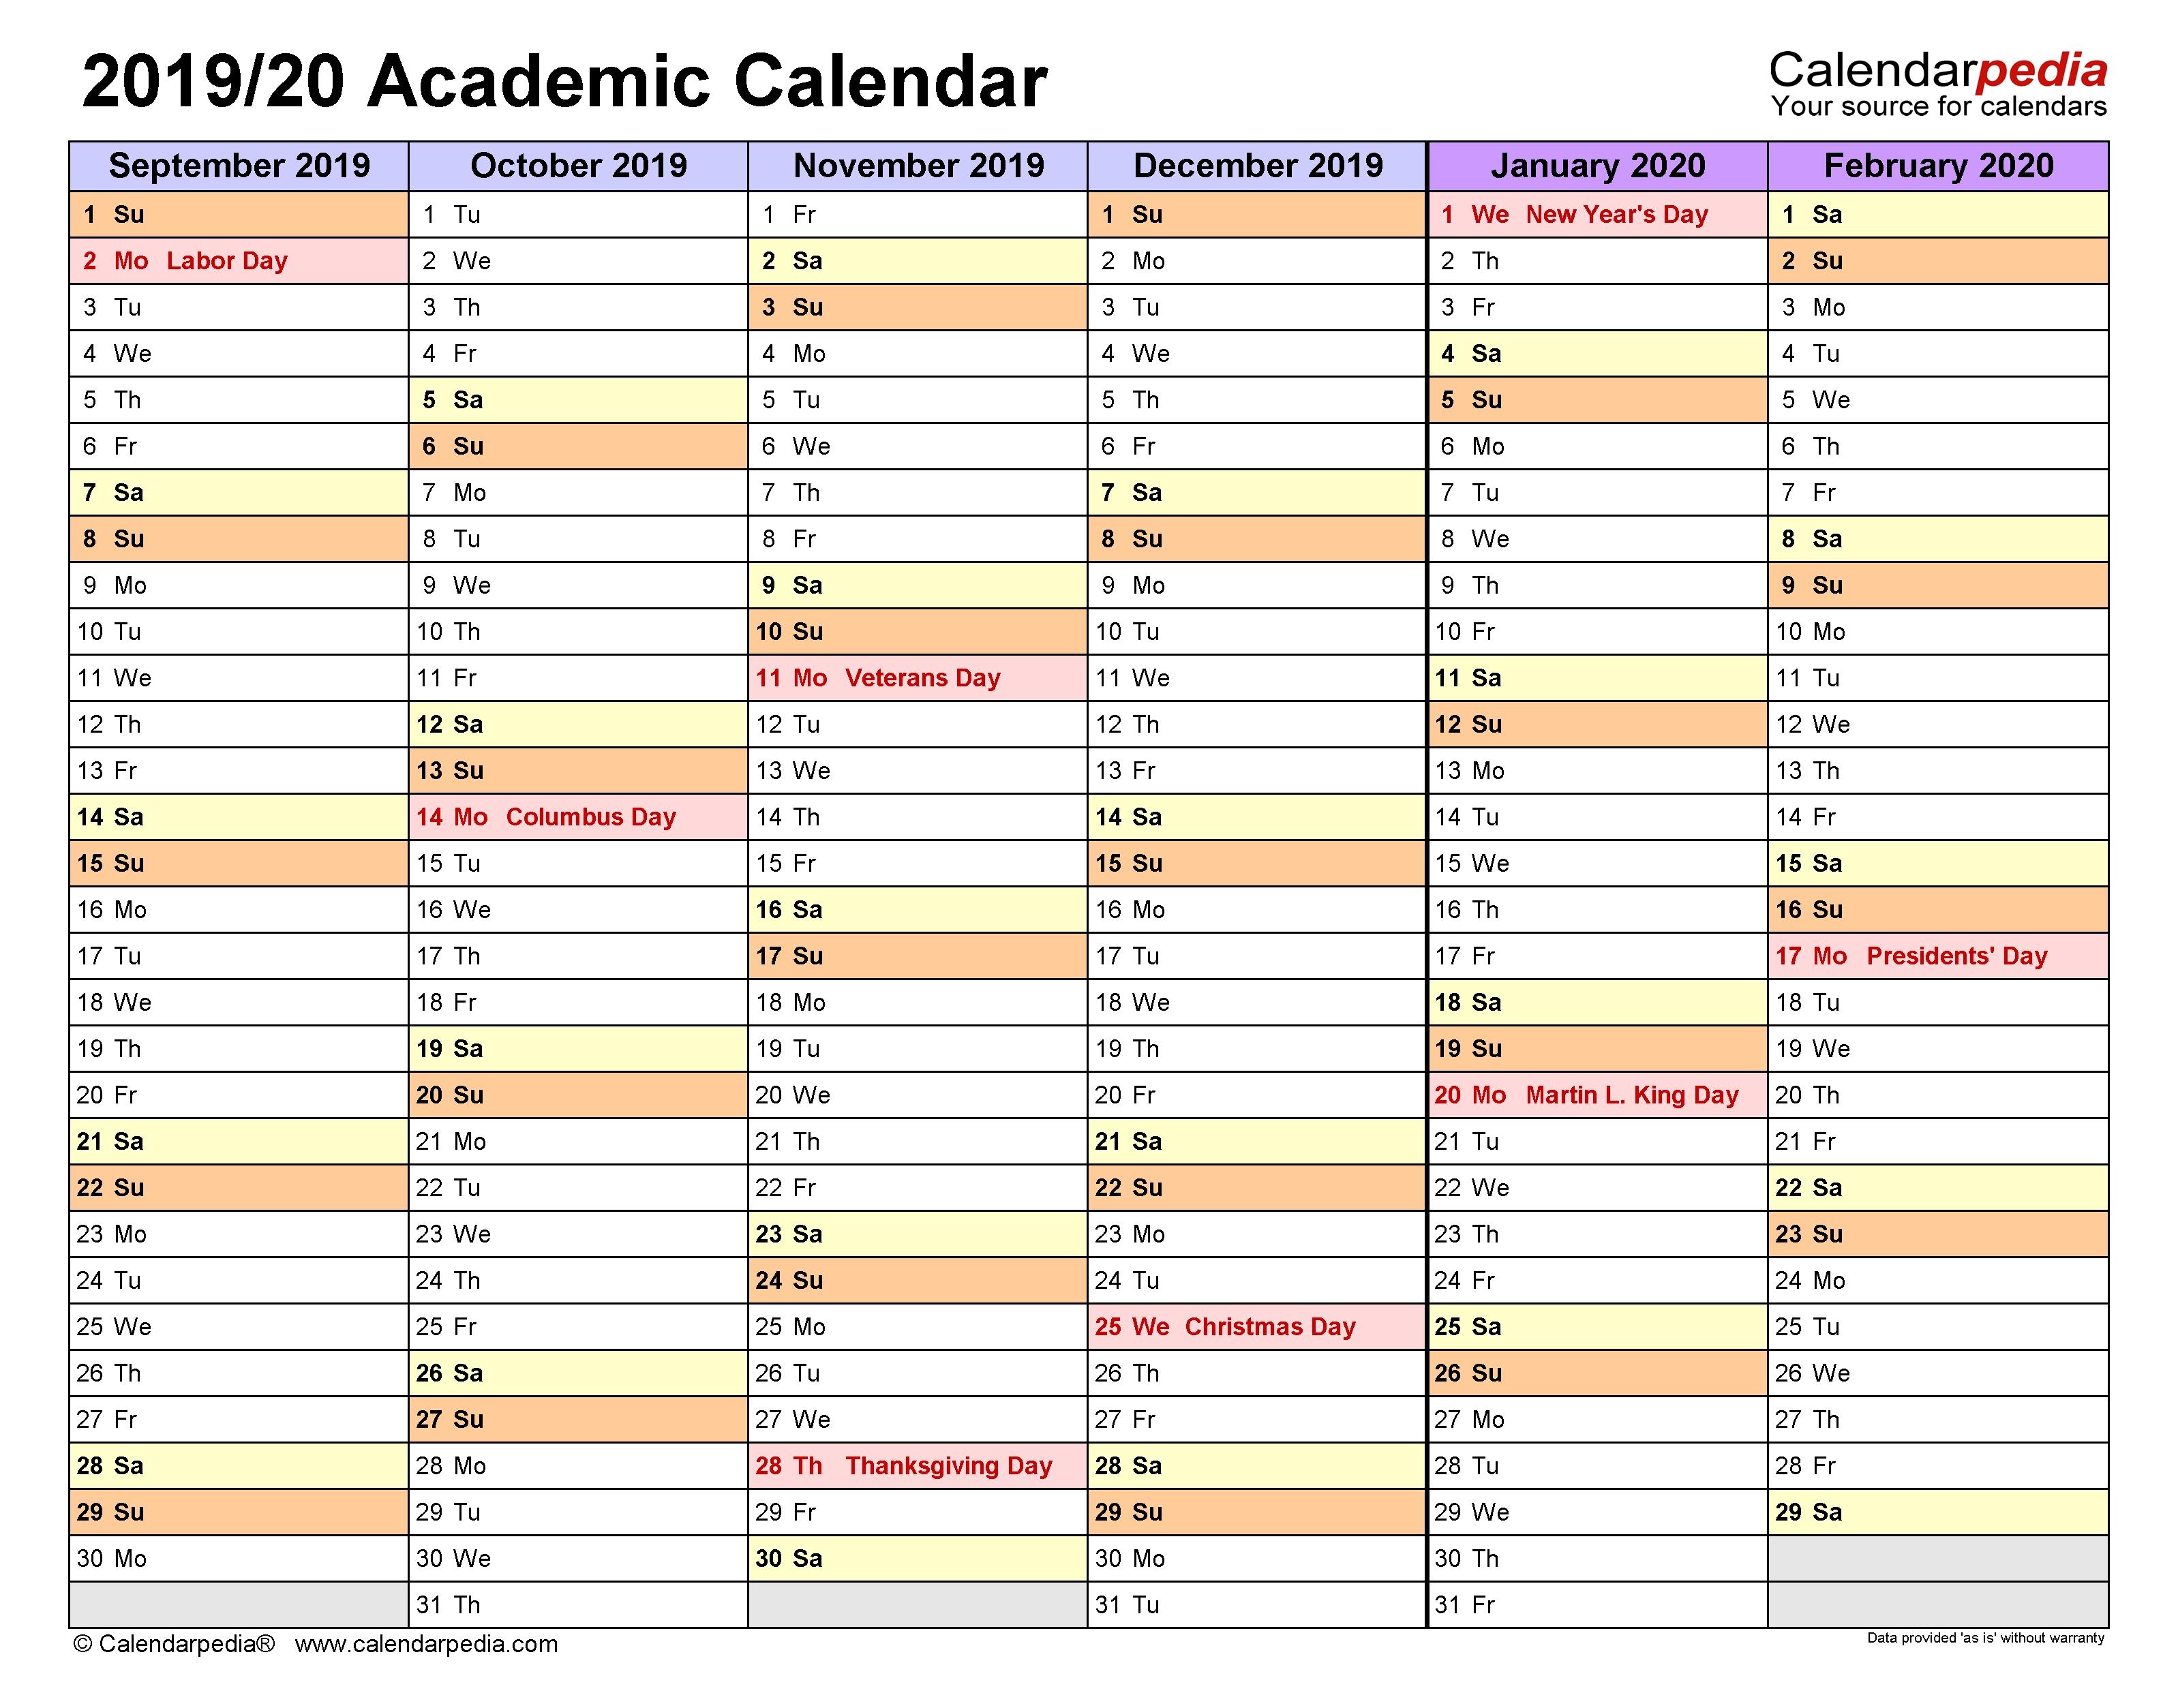 Academic Calendars 2019/2020 - Free Printable Word Templates-Blank Academic Week By Week Calendar